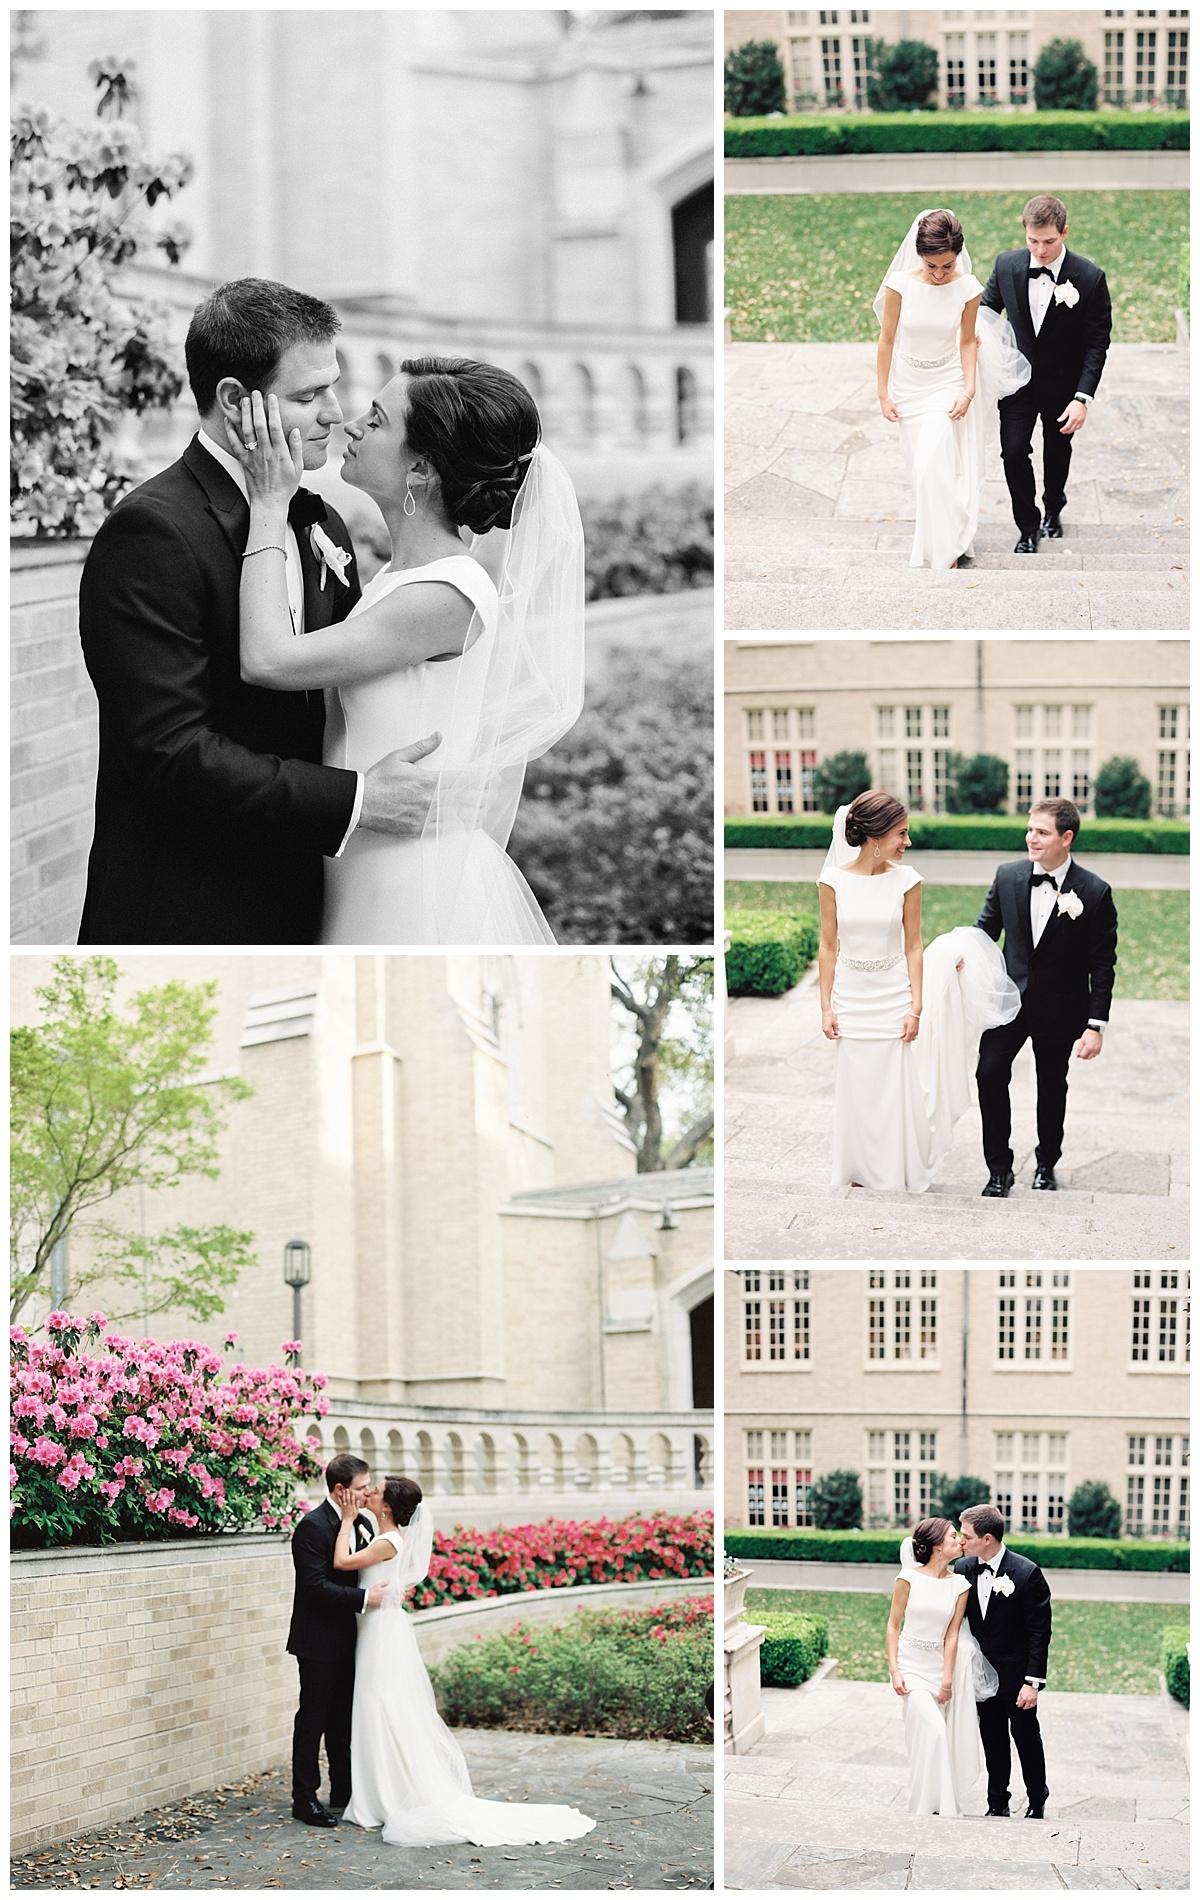 dallas-country-club-wedding-ar-photography-16.jpg